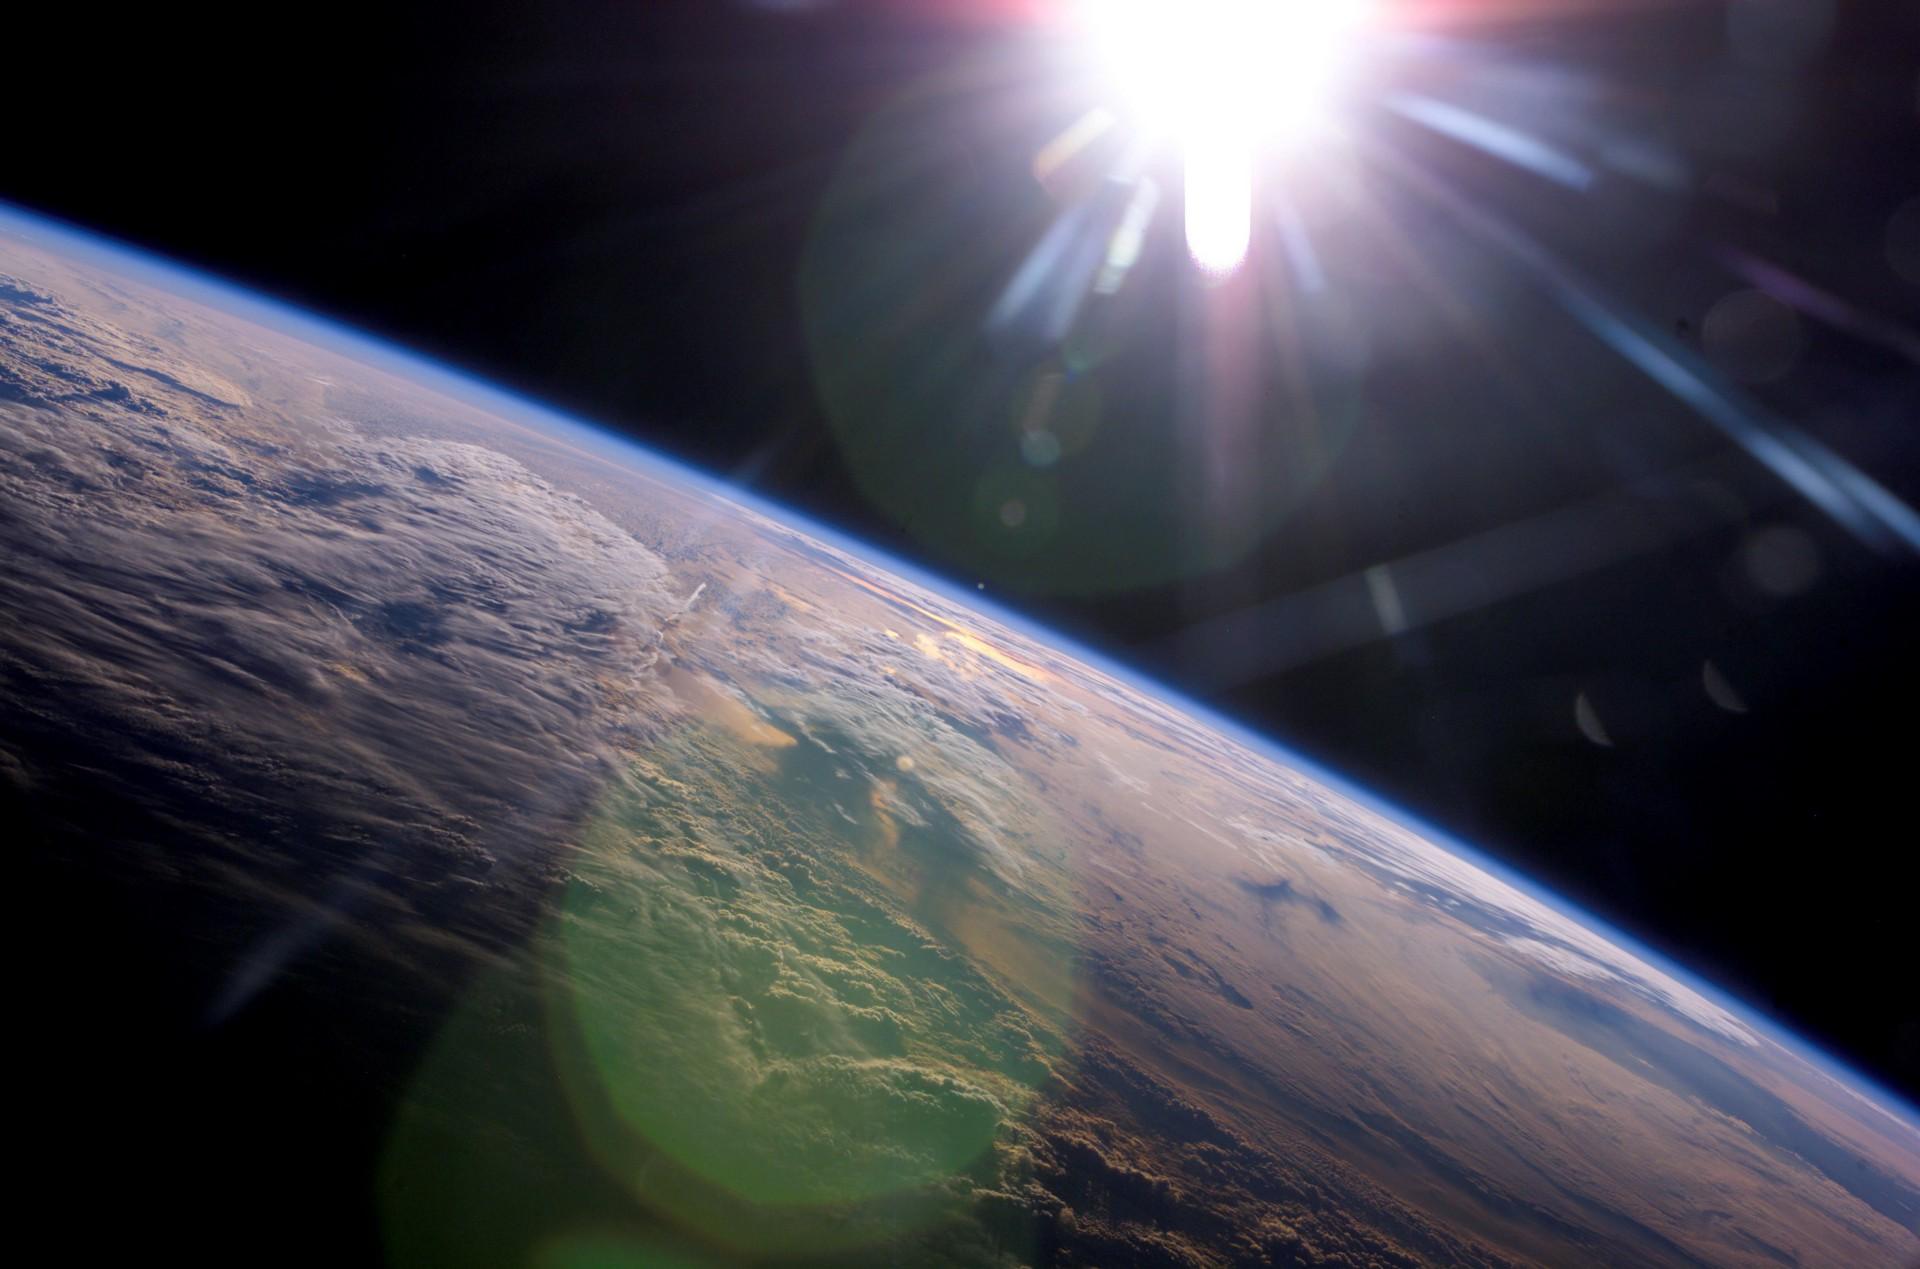 Доказано катастрофическое смещение орбиты Земли